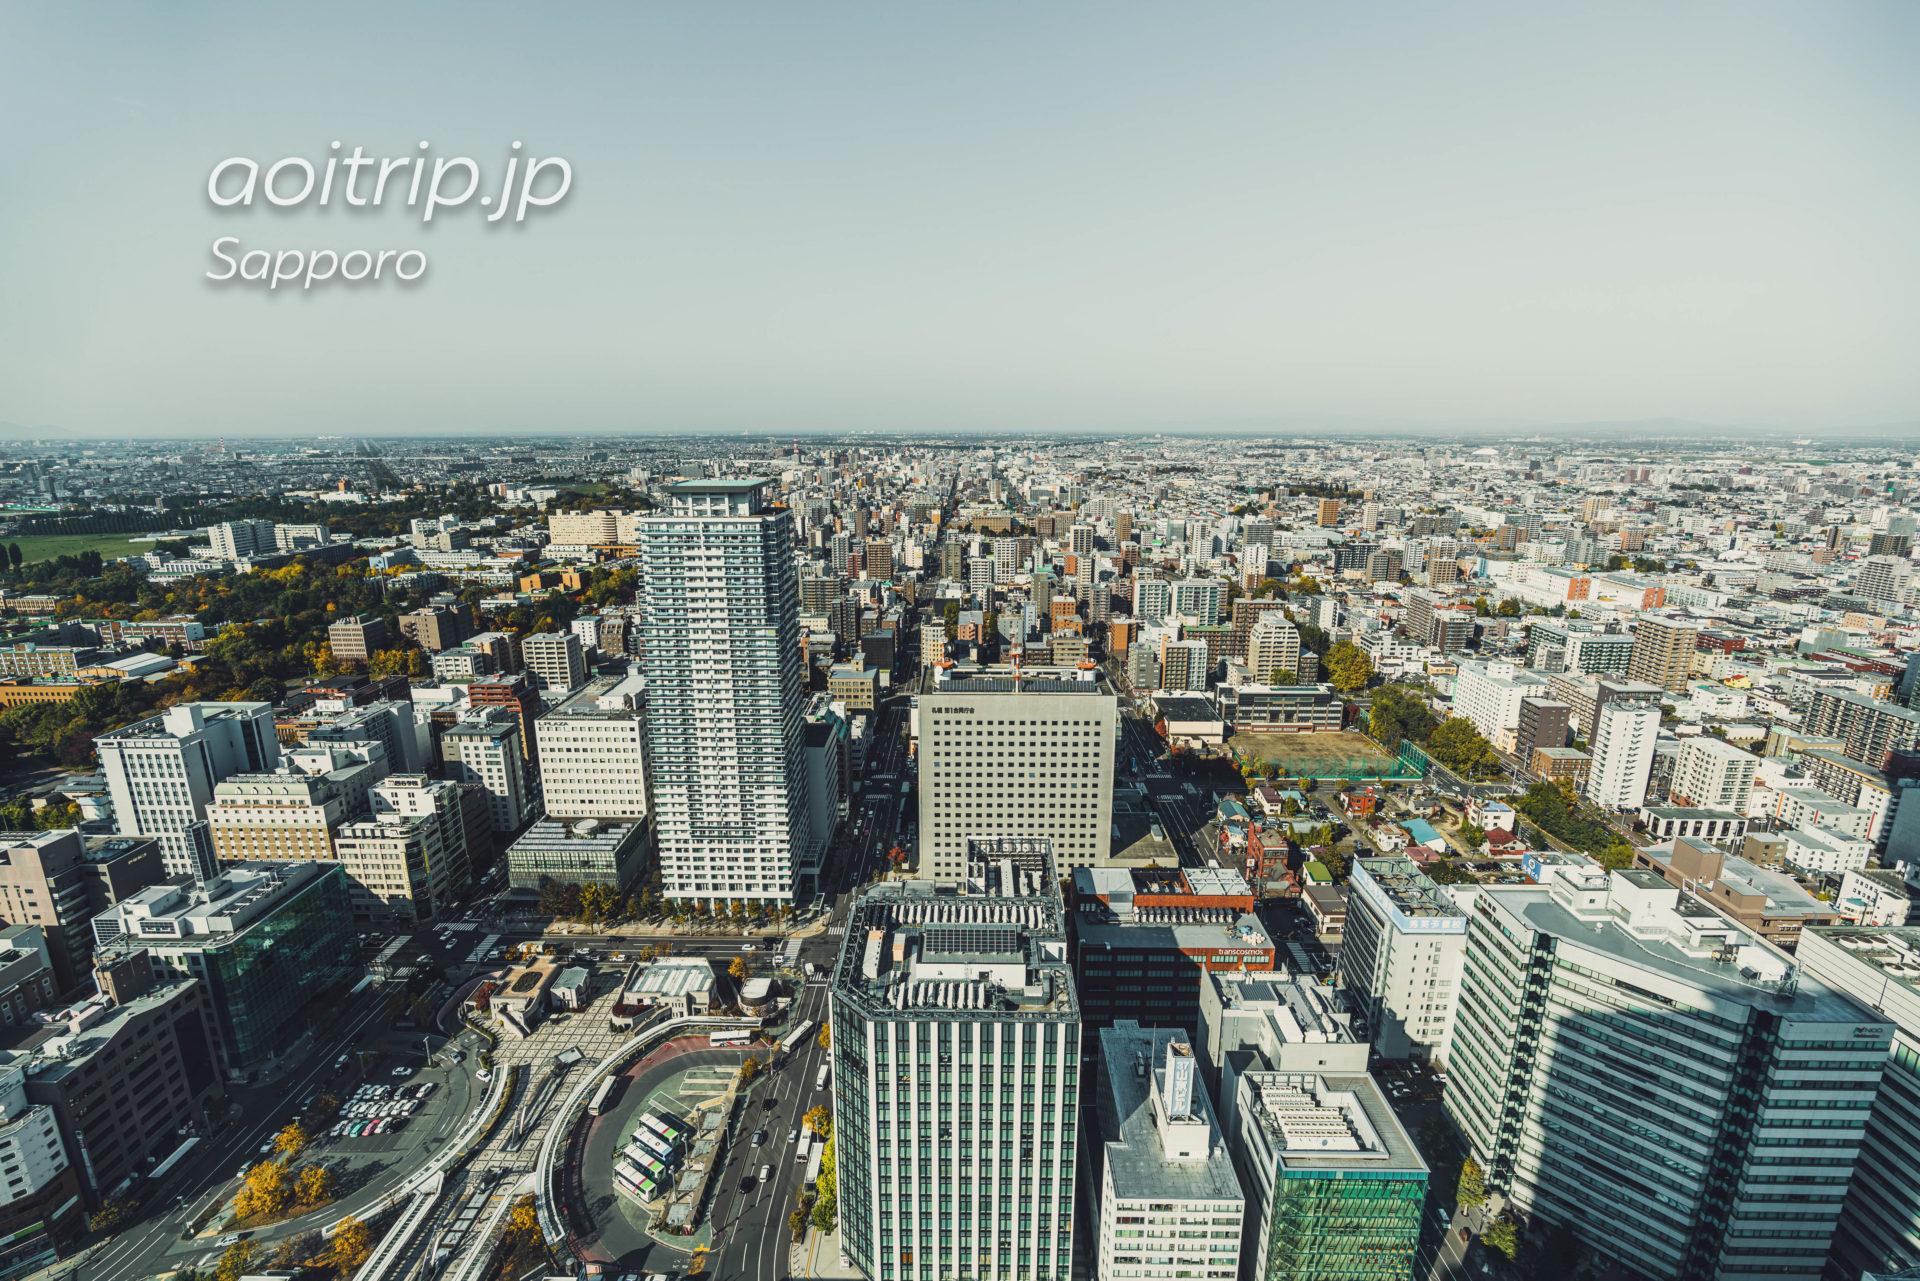 札幌JRタワー展望室T38からの眺望 北側(石狩湾、丘珠空港、小樽)